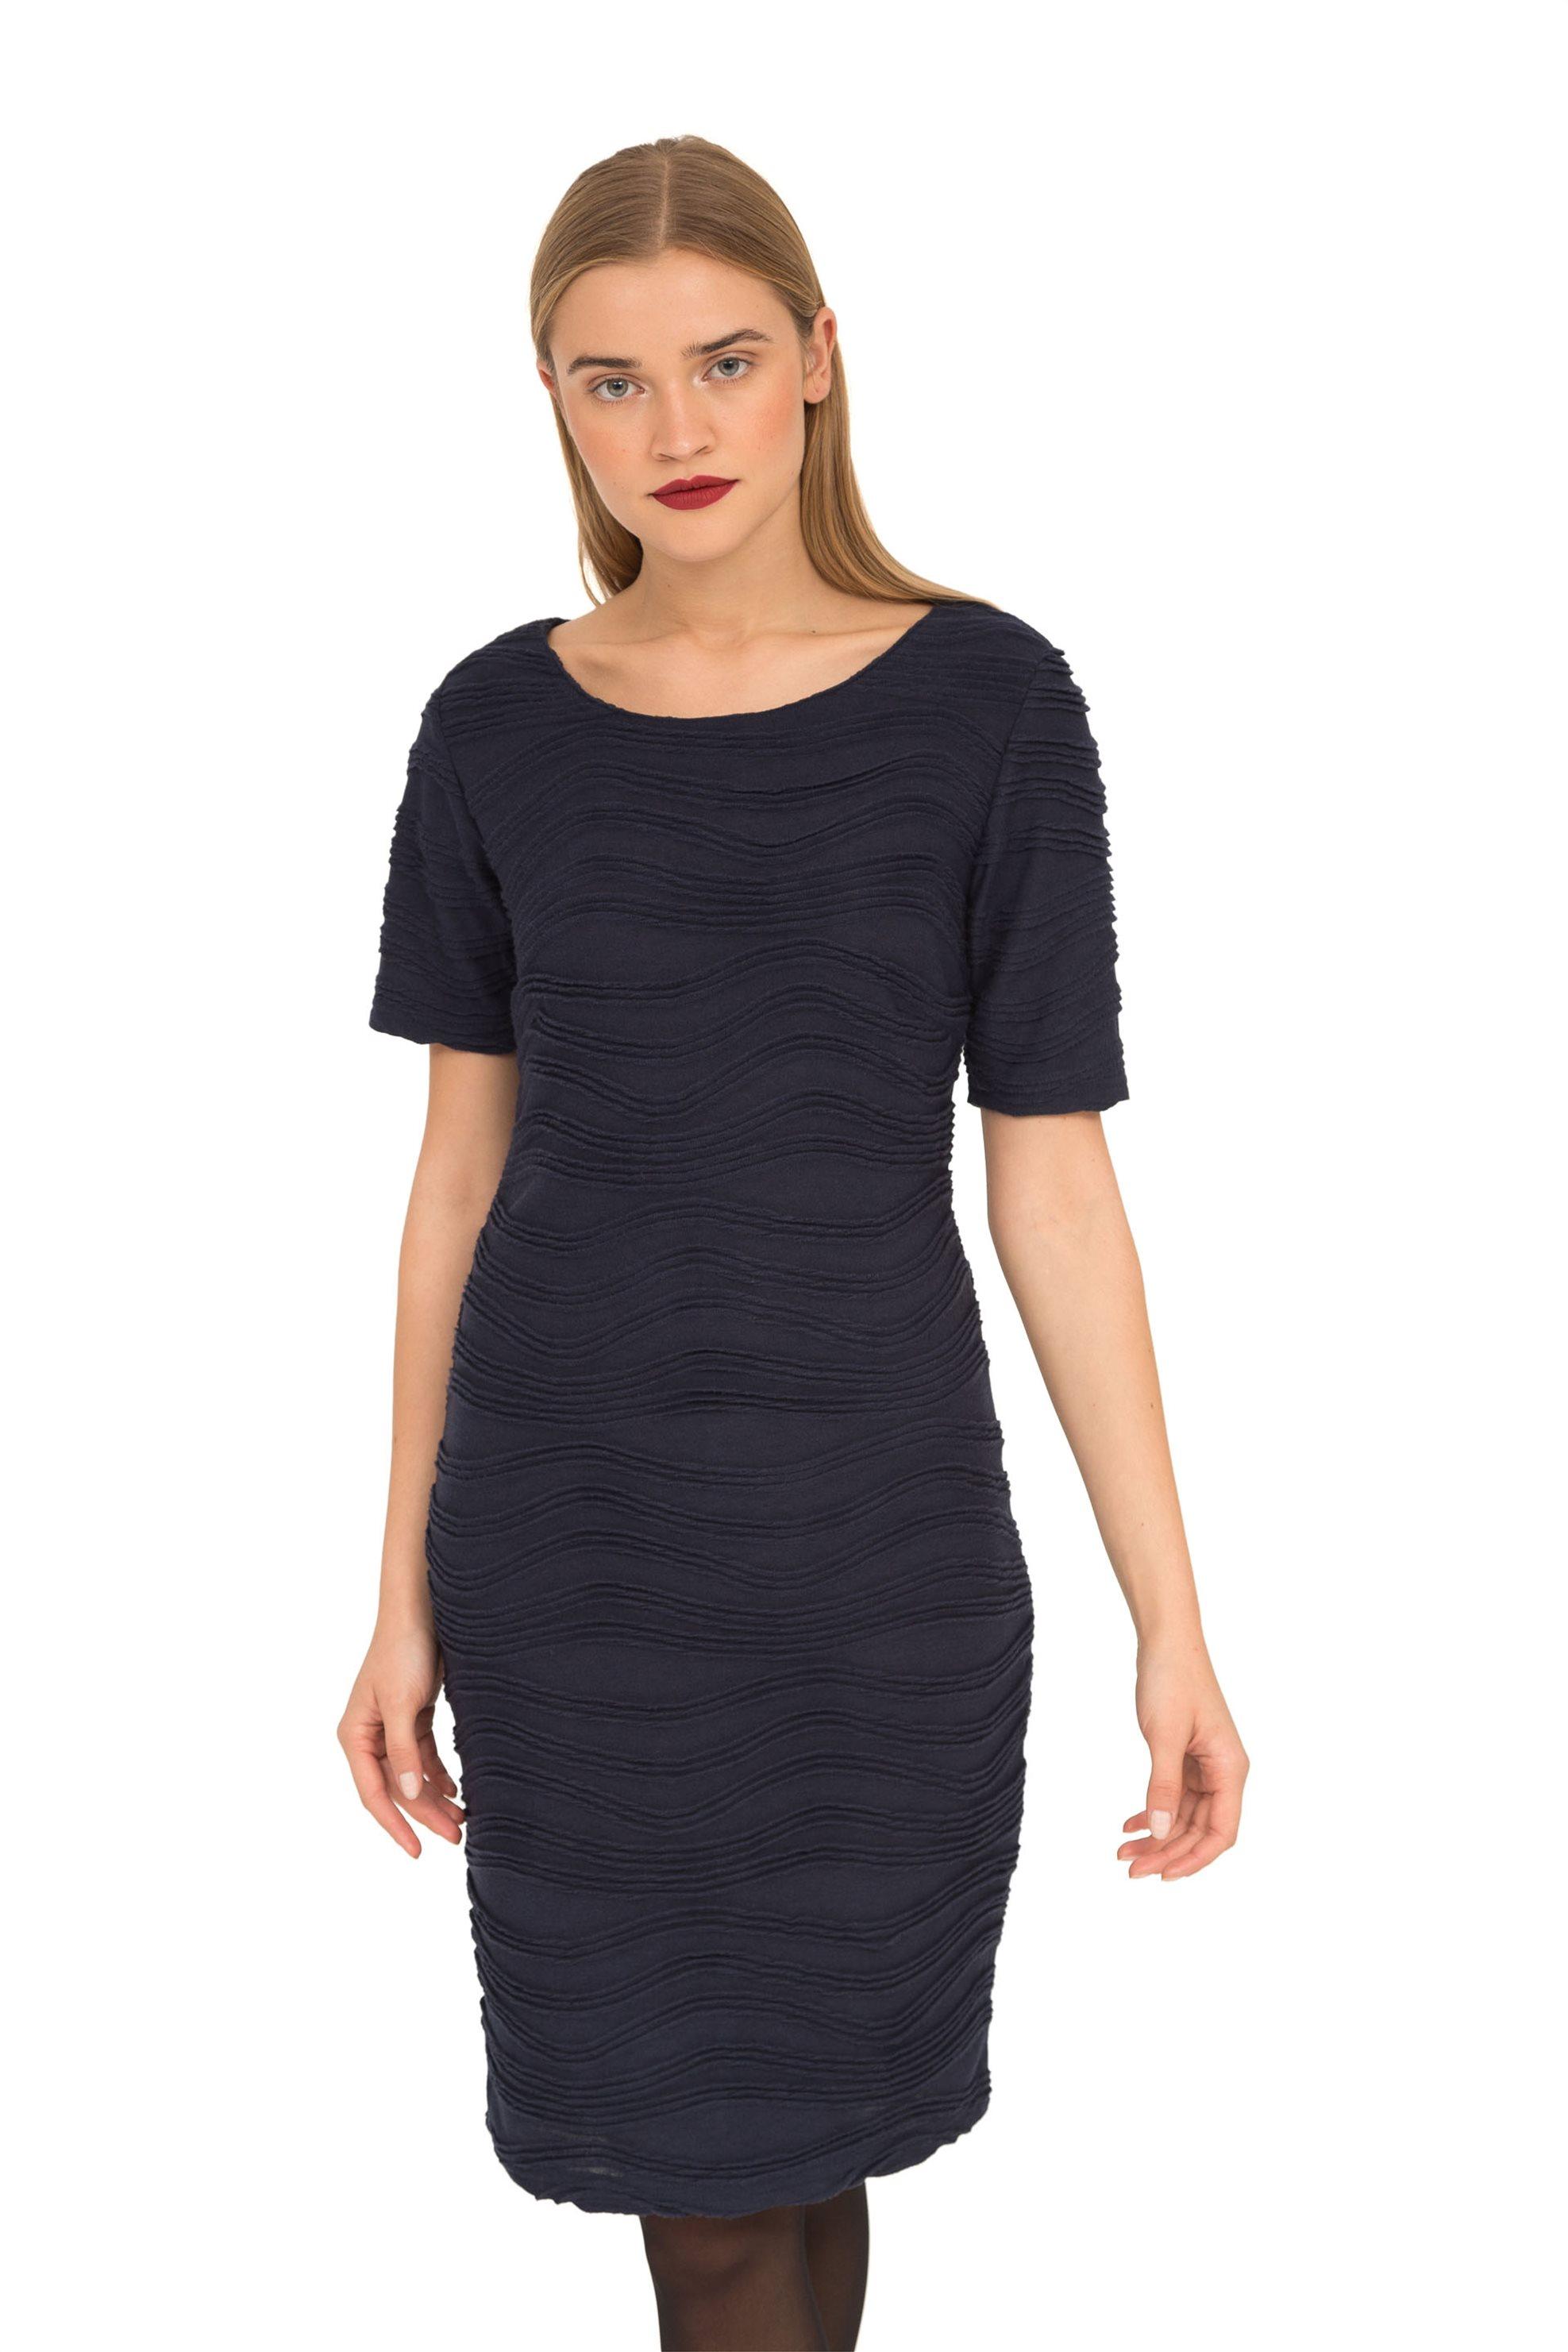 Fransa γυναικείο φόρεμα μονόχρωμο με κοντό μανίκι - 20604364 - Μπλε Σκούρο γυναικα   ρουχα   φορέματα   mini φορέματα